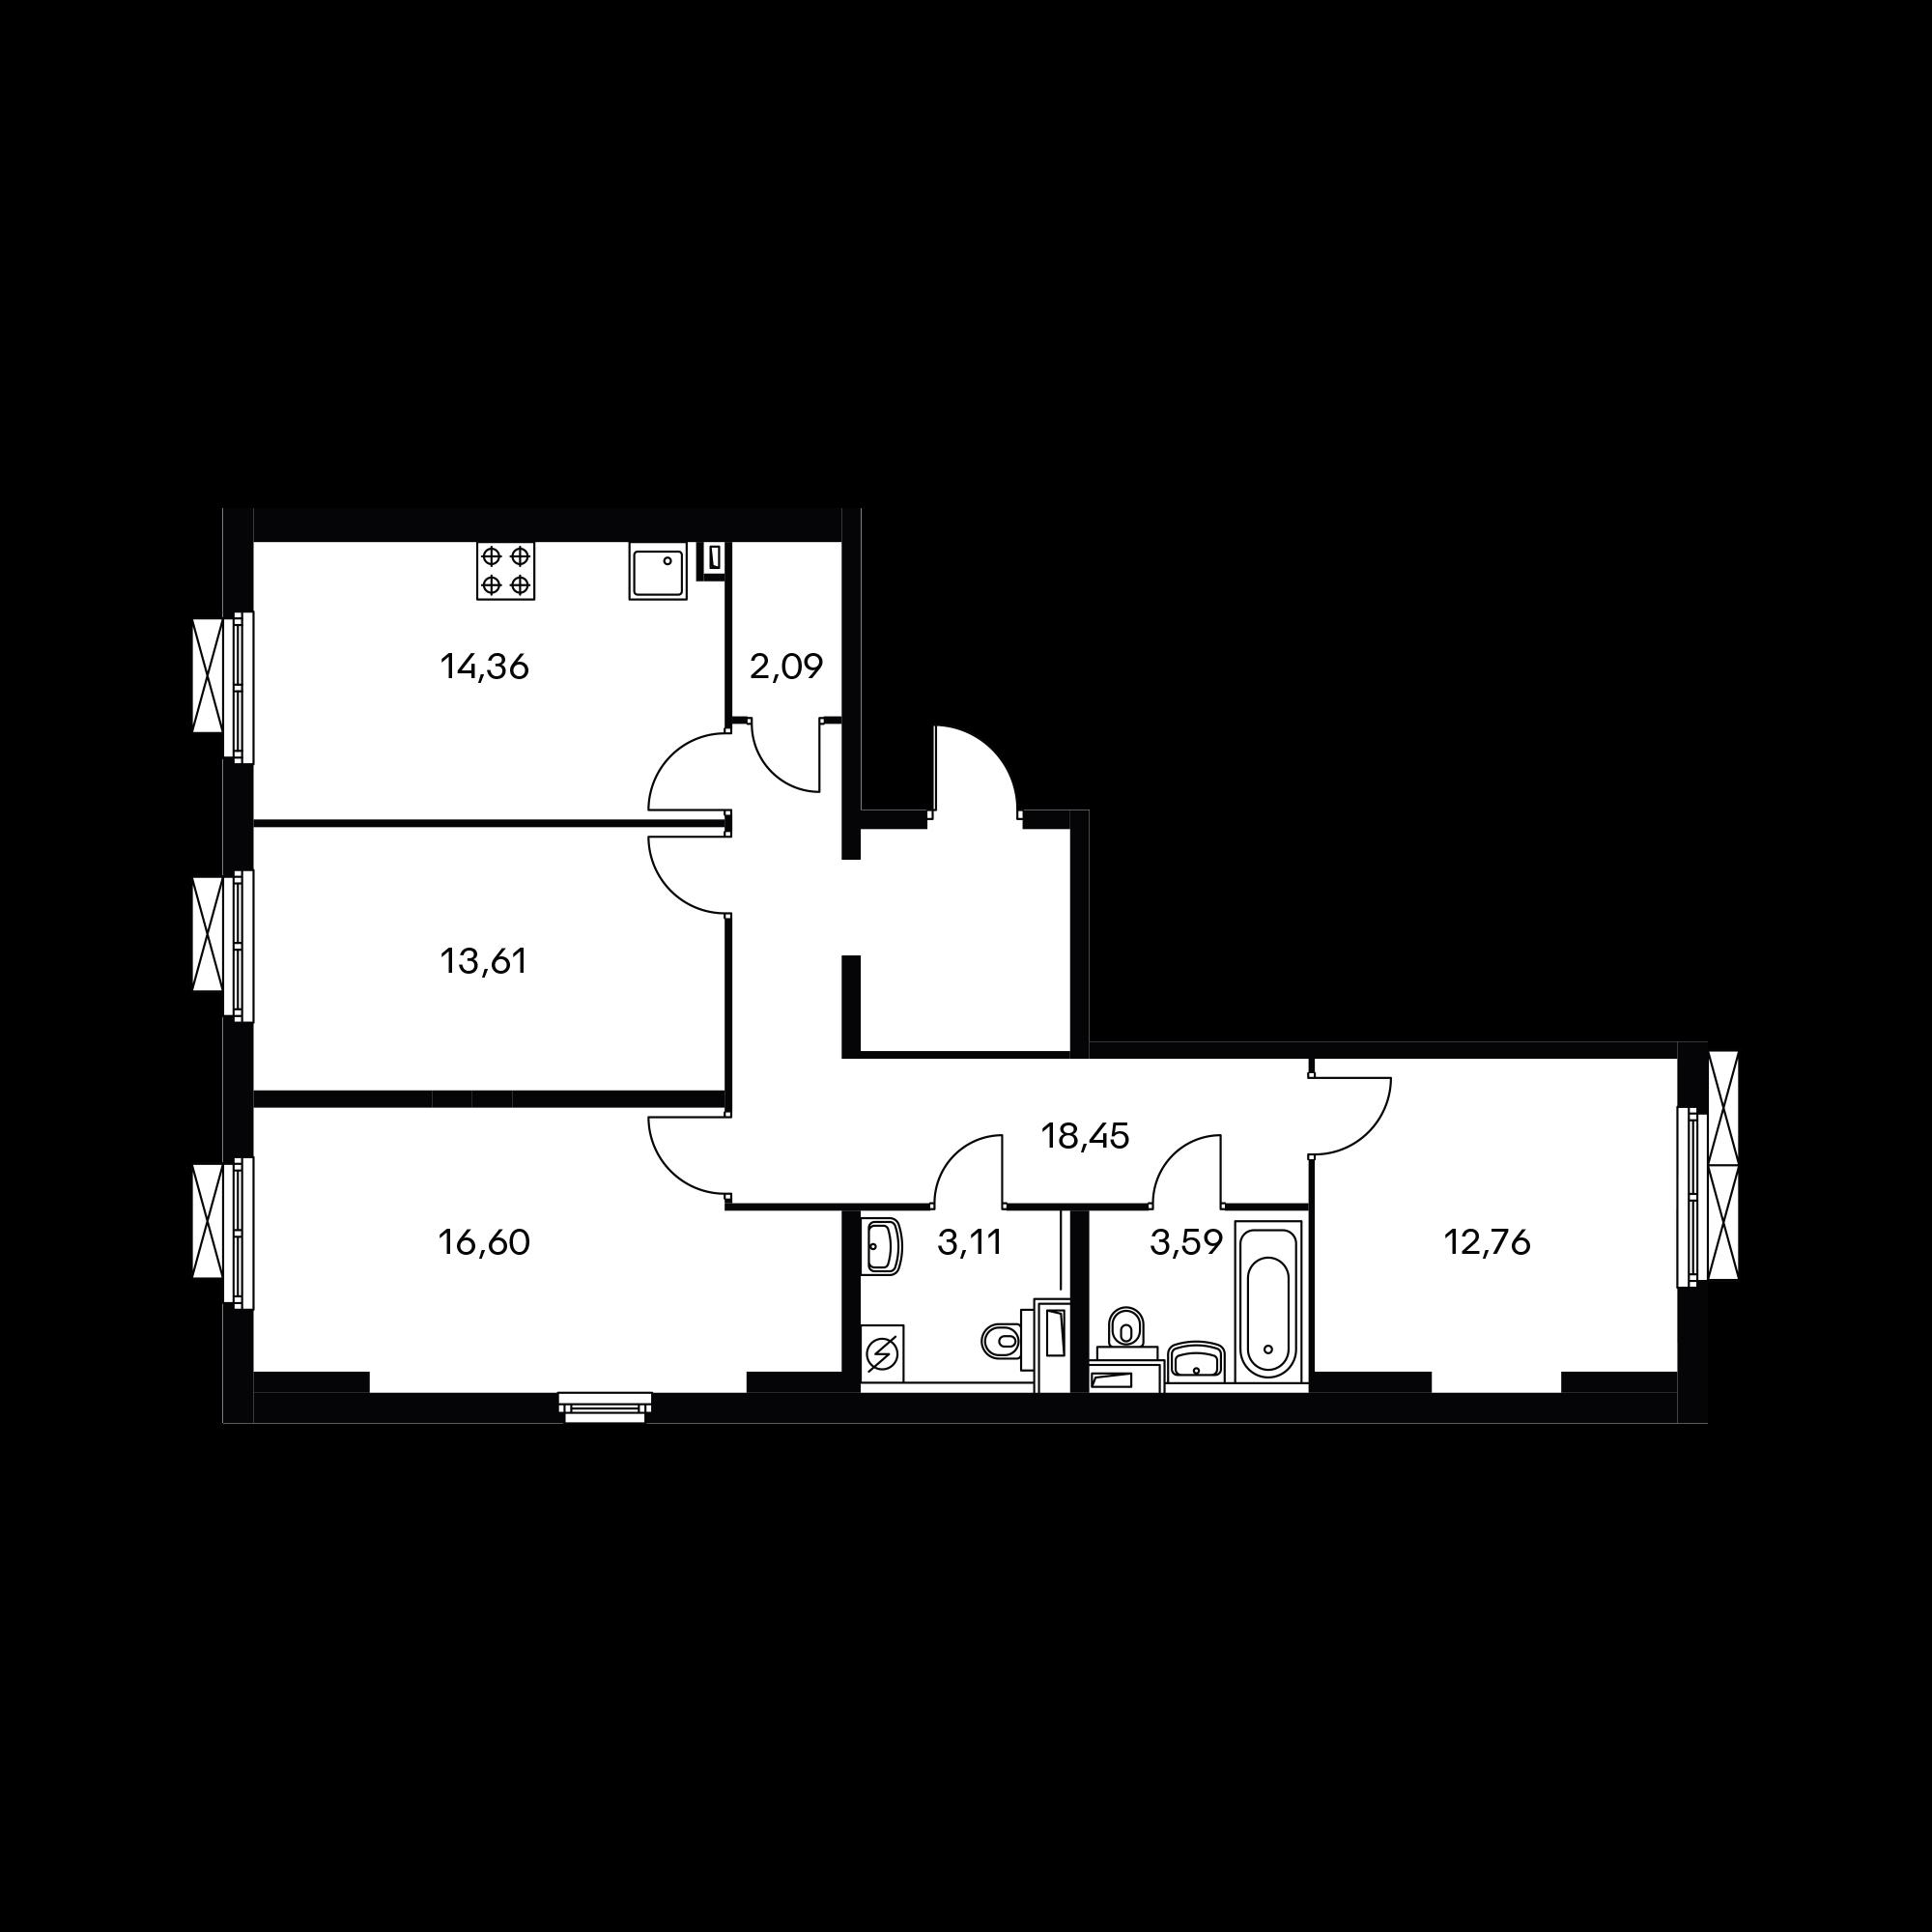 3KL13_9.0-1_T_A